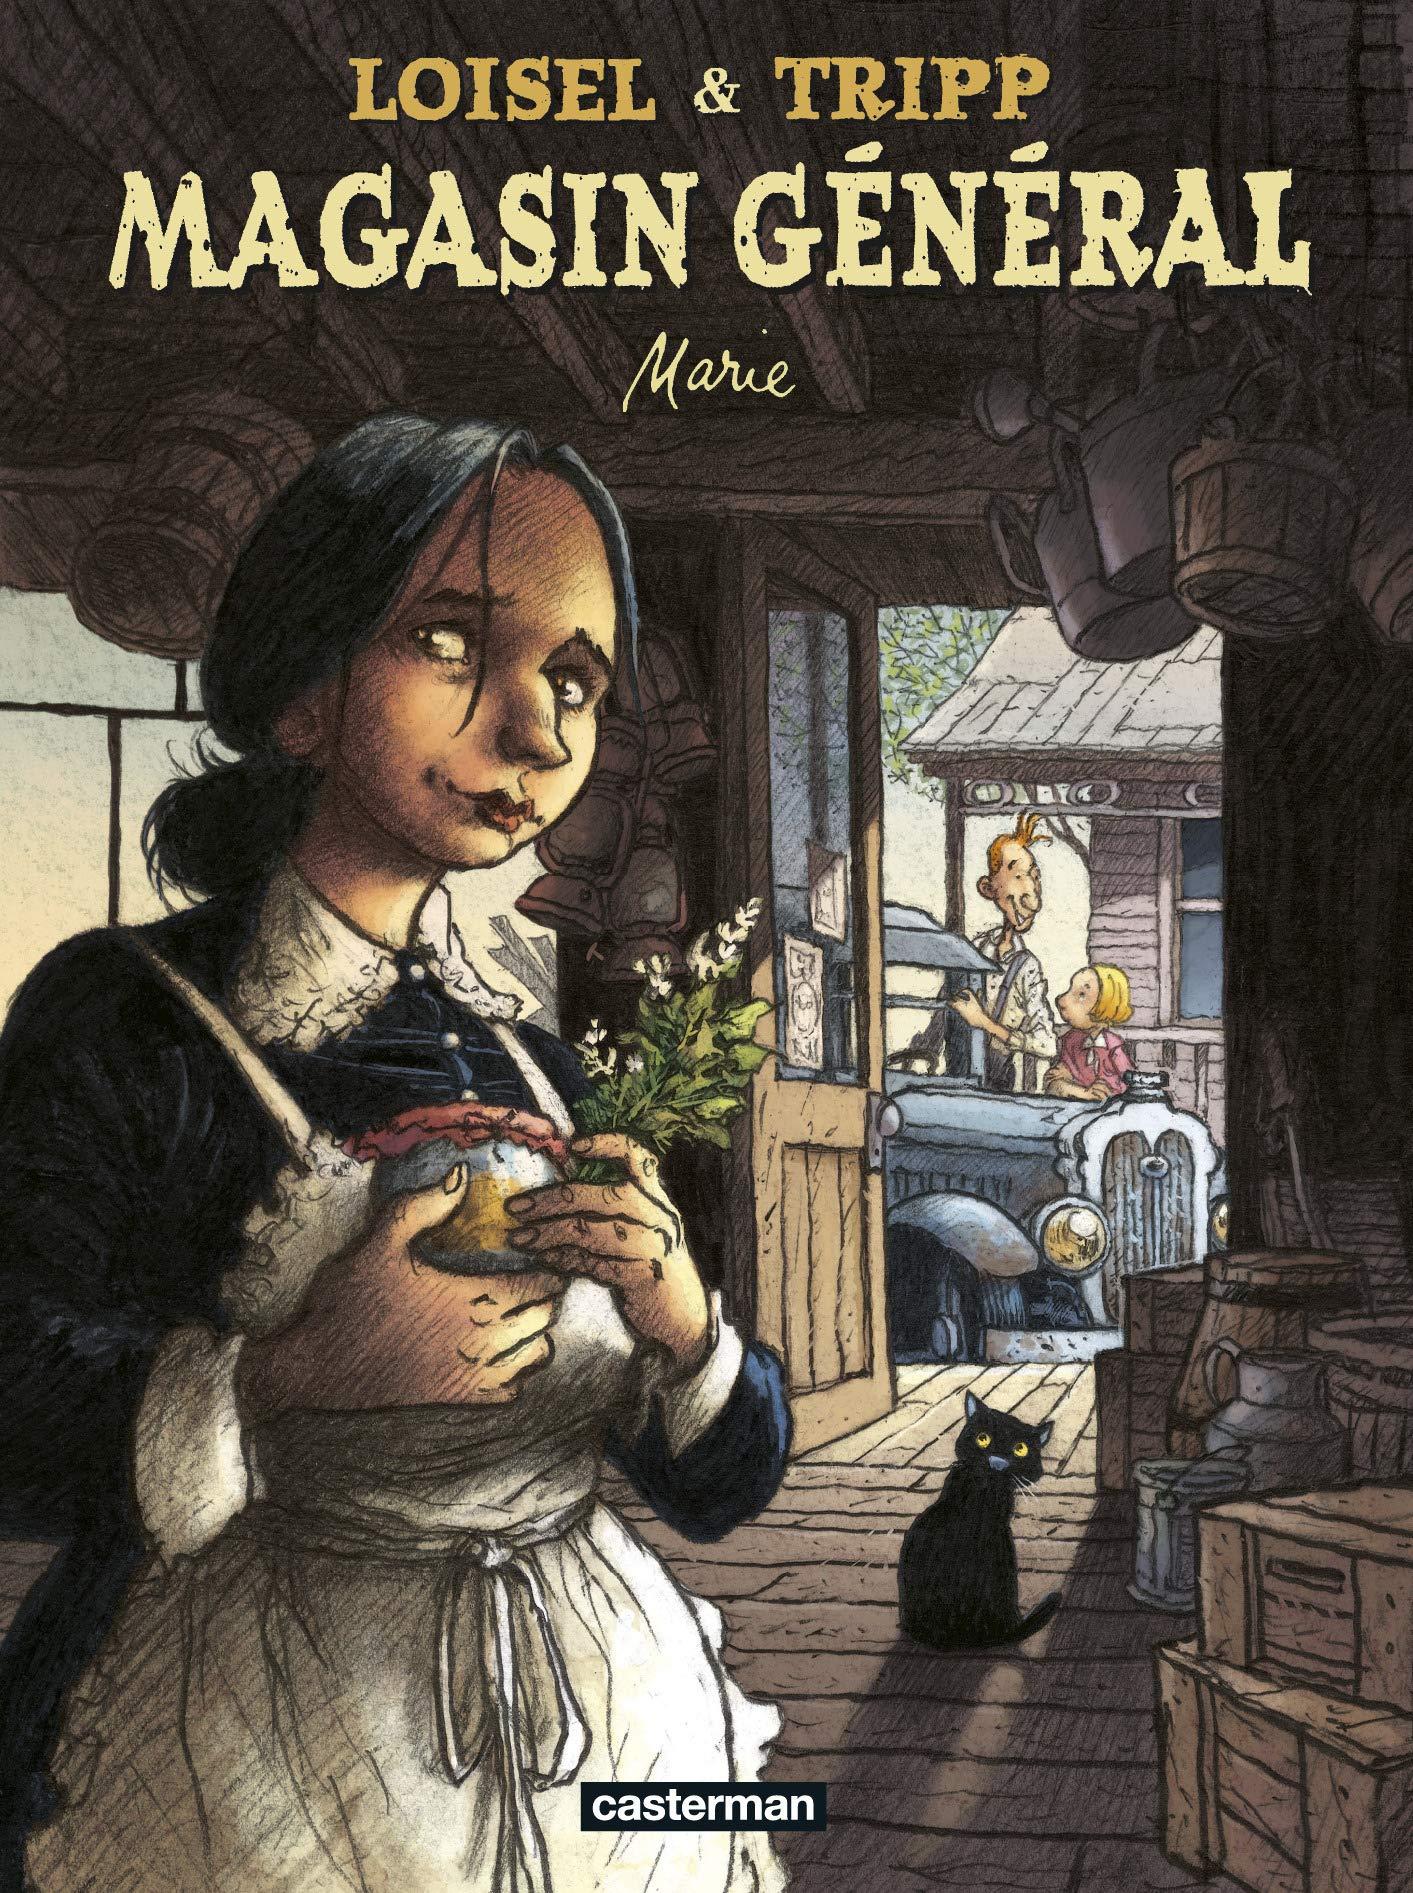 couverture de la bande-dessinée Magasin Général